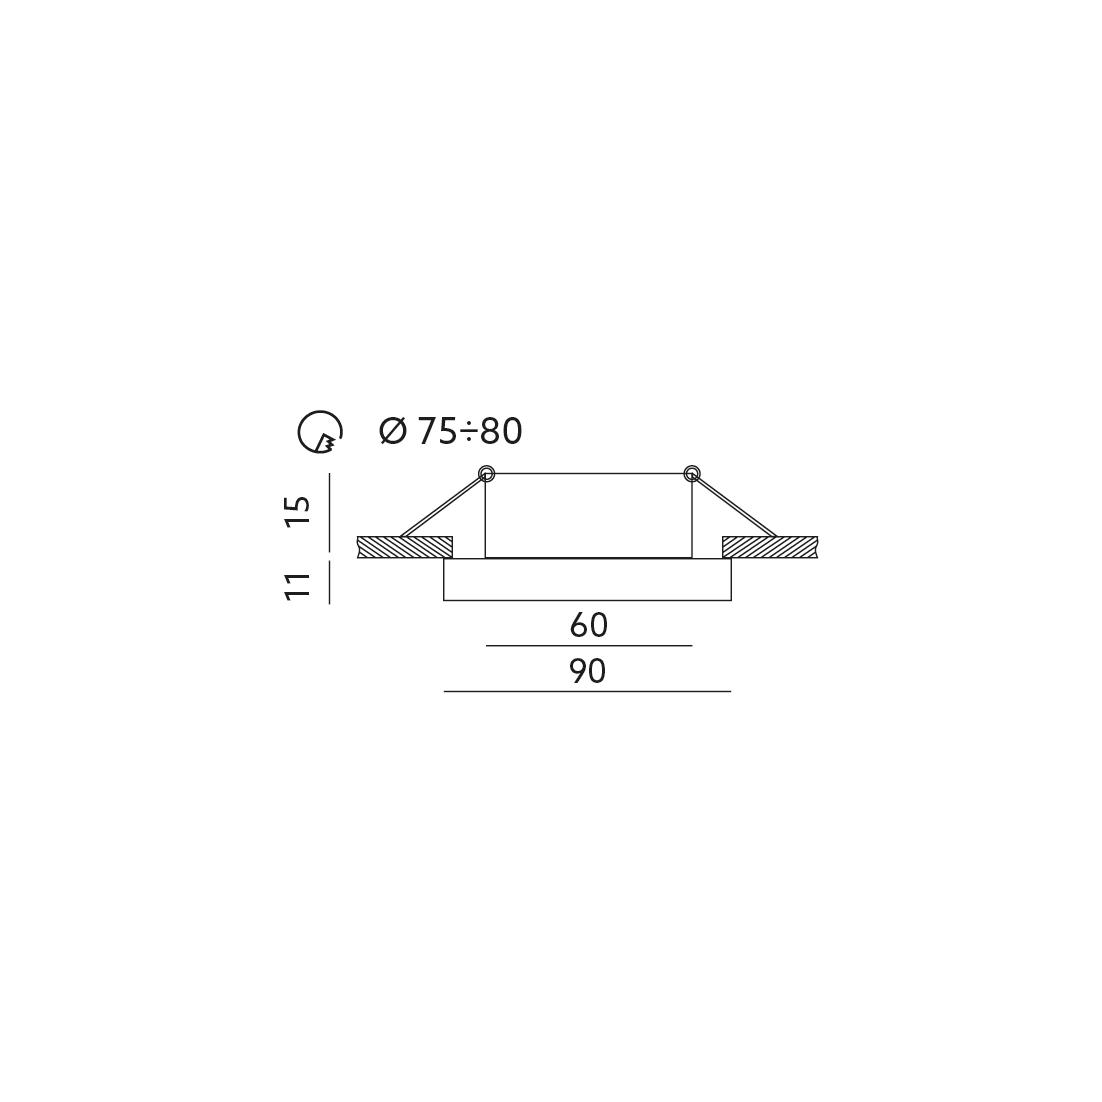 Pierścień ozdobny do opraw OH51 PRZEŹROCZYSTY - KPOH51CL